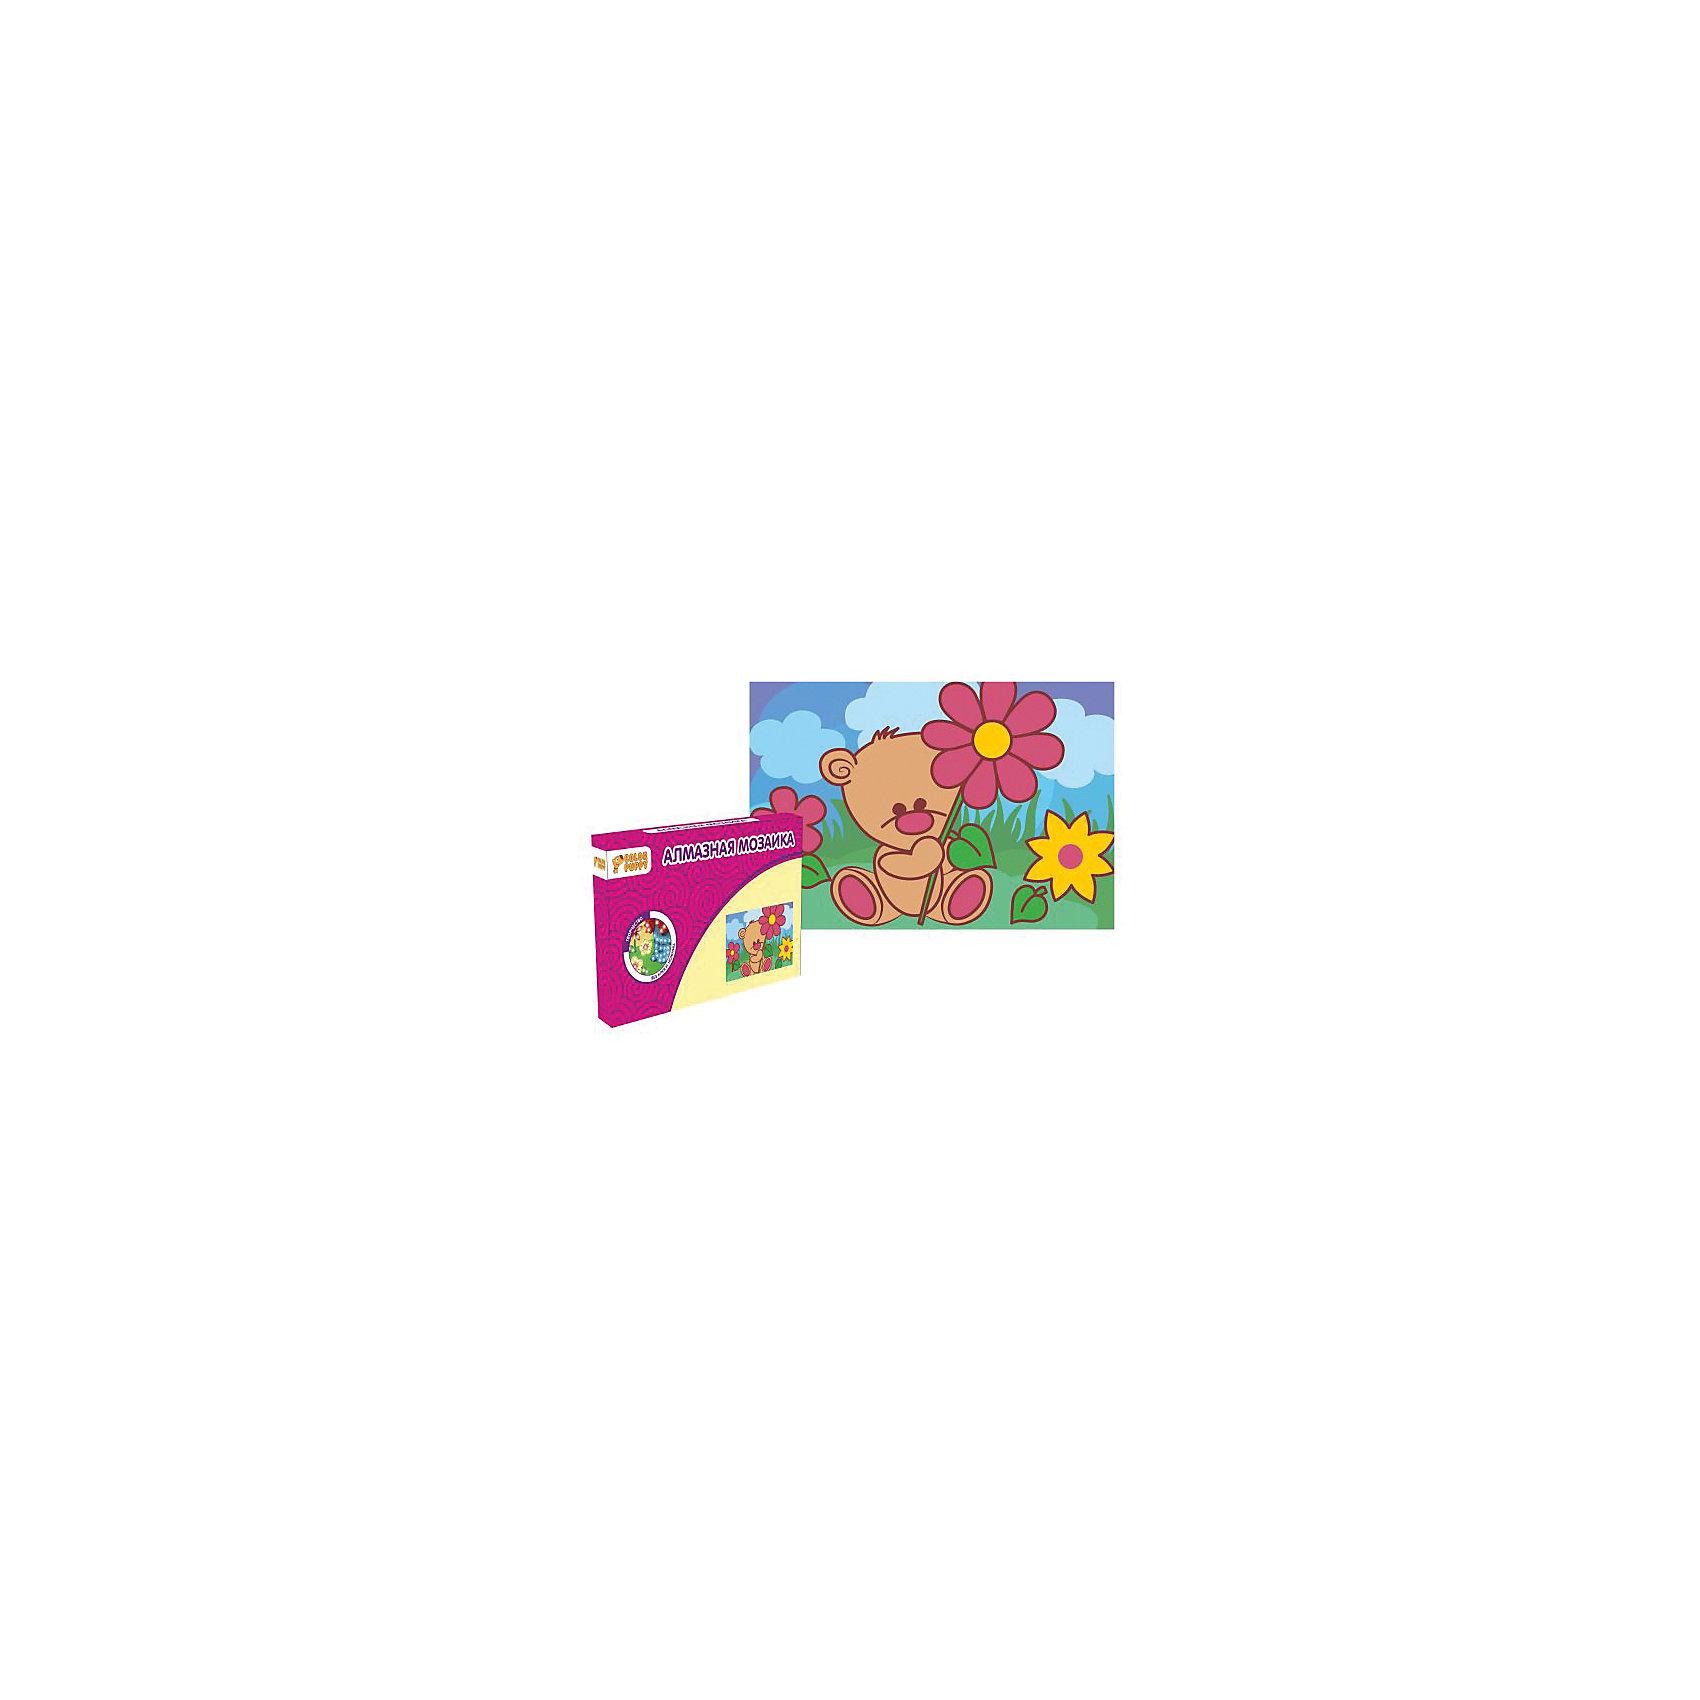 Набор для творчества Алмазная мозаика «Мишка»Мозаика детская<br>Характеристики товара:<br><br>• материал: картон, полимерные материалы<br>• комплектация: картонная основа, подставка, стразы, емкость для страз, карандаш<br>• размер упаковки: 17х11х2 см<br>• упаковка: картонная коробка.<br>• возраст: от 5 лет<br>• для творчества<br>• страна бренда: Китай<br>• страна производства: Тайвань<br><br>Этот набор станет отличным подарком ребенку! Творчество - удачный способ занять детей. Это не только занимательно, но и очень полезно! С помощью набора ребенок сможет сам создать красивую картину - нужно всего лишь следовать инструкции! Это несложно и увлекательно, достаточно нанести небольшие стразы на рисунок - всё необходимое есть в наборе. Готовое изделие может стать подарком от ребенка на праздник для близких и родственников!<br>Такое занятие помогает детям развивать многие важные навыки и способности: они тренируют внимание, память, логику, мышление, мелкую моторику, творческие способности, а также усидчивость и аккуратность. Изделие производится из качественных сертифицированных материалов, безопасных даже для самых маленьких.<br><br>Набор для творчества Алмазная мозаика «Мишка» от бренда Color Puppy можно купить в нашем интернет-магазине.<br><br>Ширина мм: 165<br>Глубина мм: 105<br>Высота мм: 20<br>Вес г: 84<br>Возраст от месяцев: 36<br>Возраст до месяцев: 108<br>Пол: Женский<br>Возраст: Детский<br>SKU: 5078348